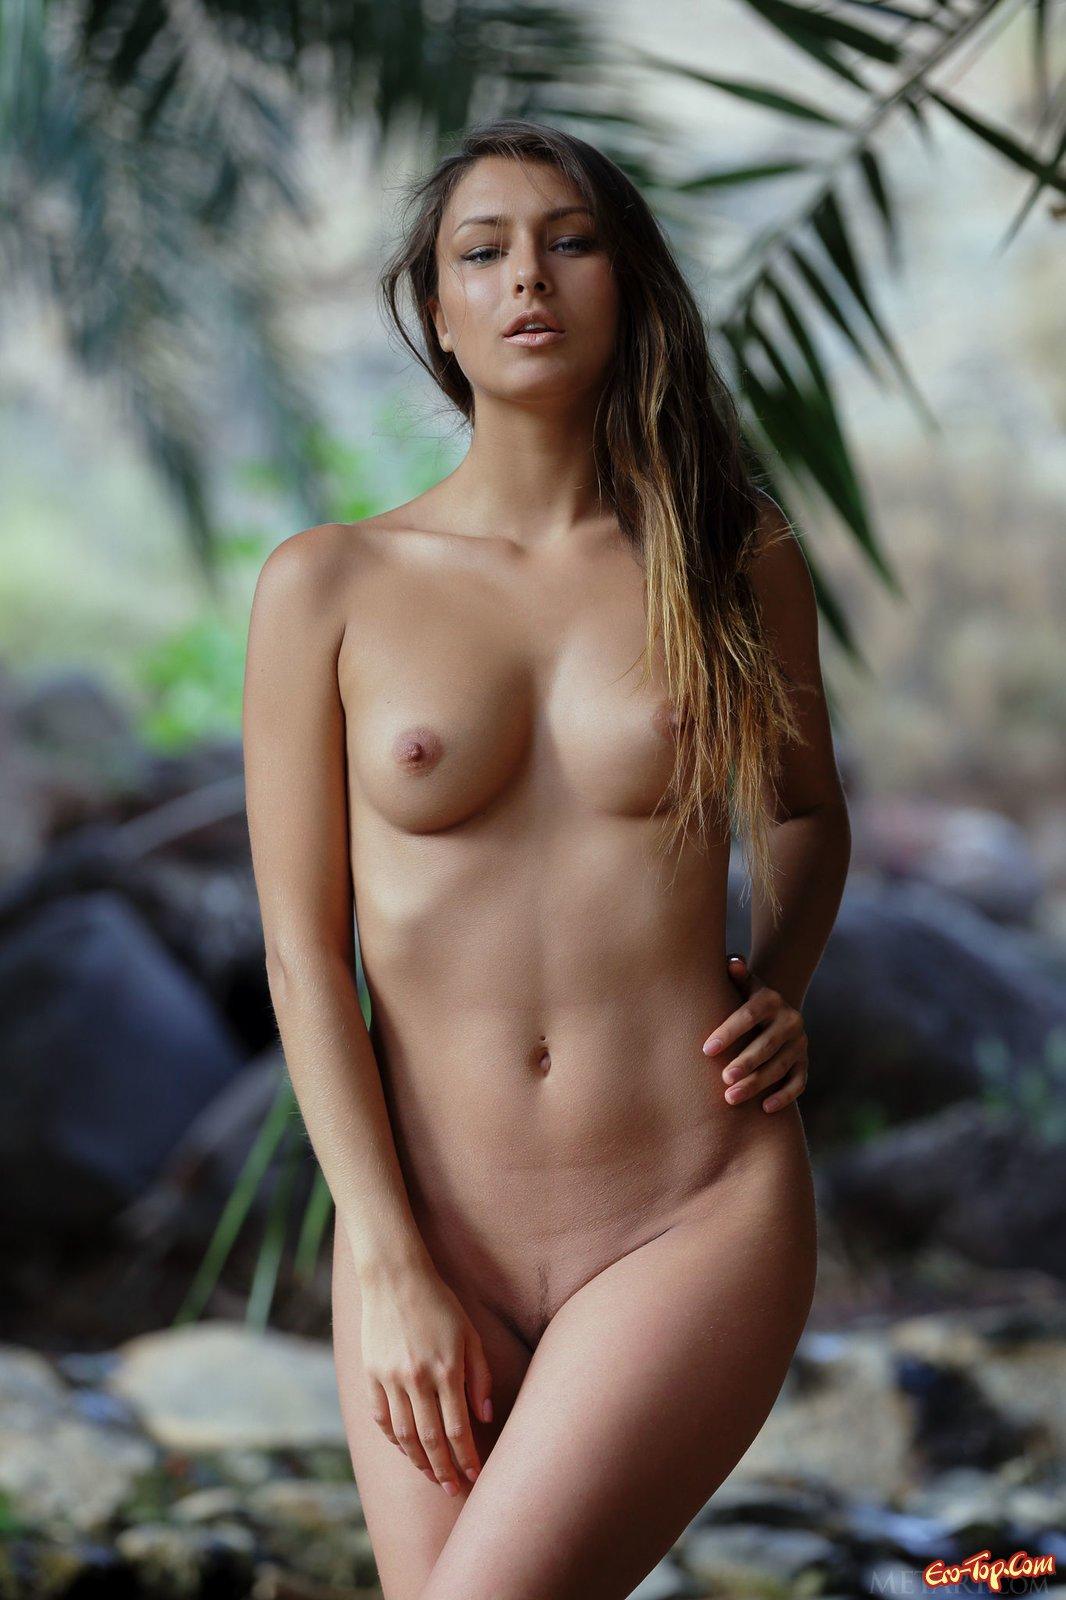 Эро фото девушек в джунглех фото 638-994